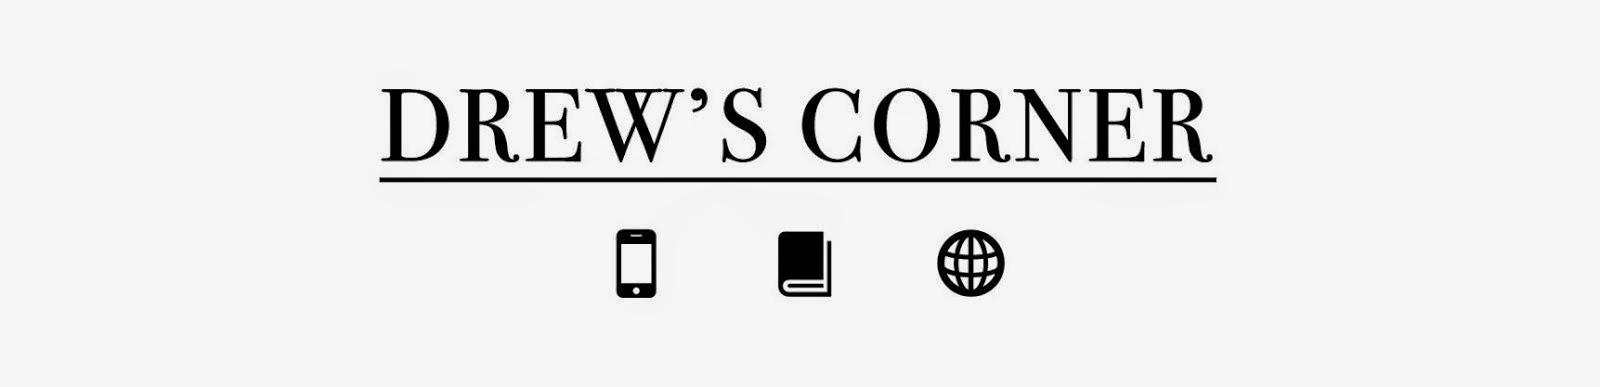 Drew's Corner